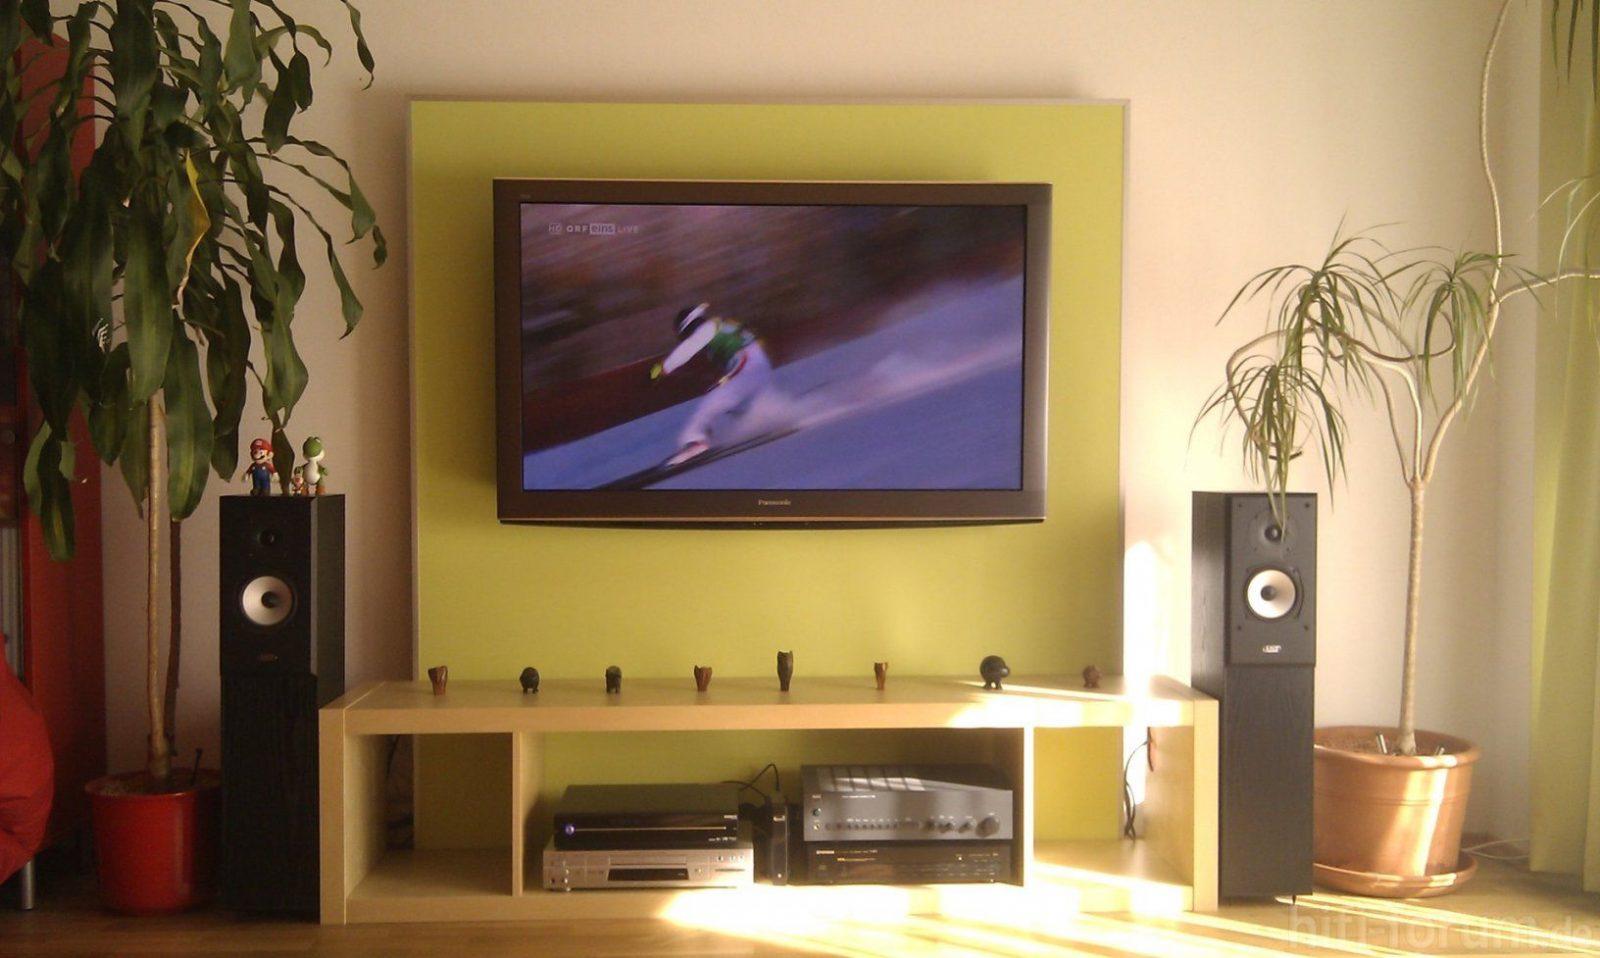 Wandhalterung Tv Kabel Verstecken Mit Fernseher An Der Wand von Fernseher An Wand Kabel Verstecken Bild